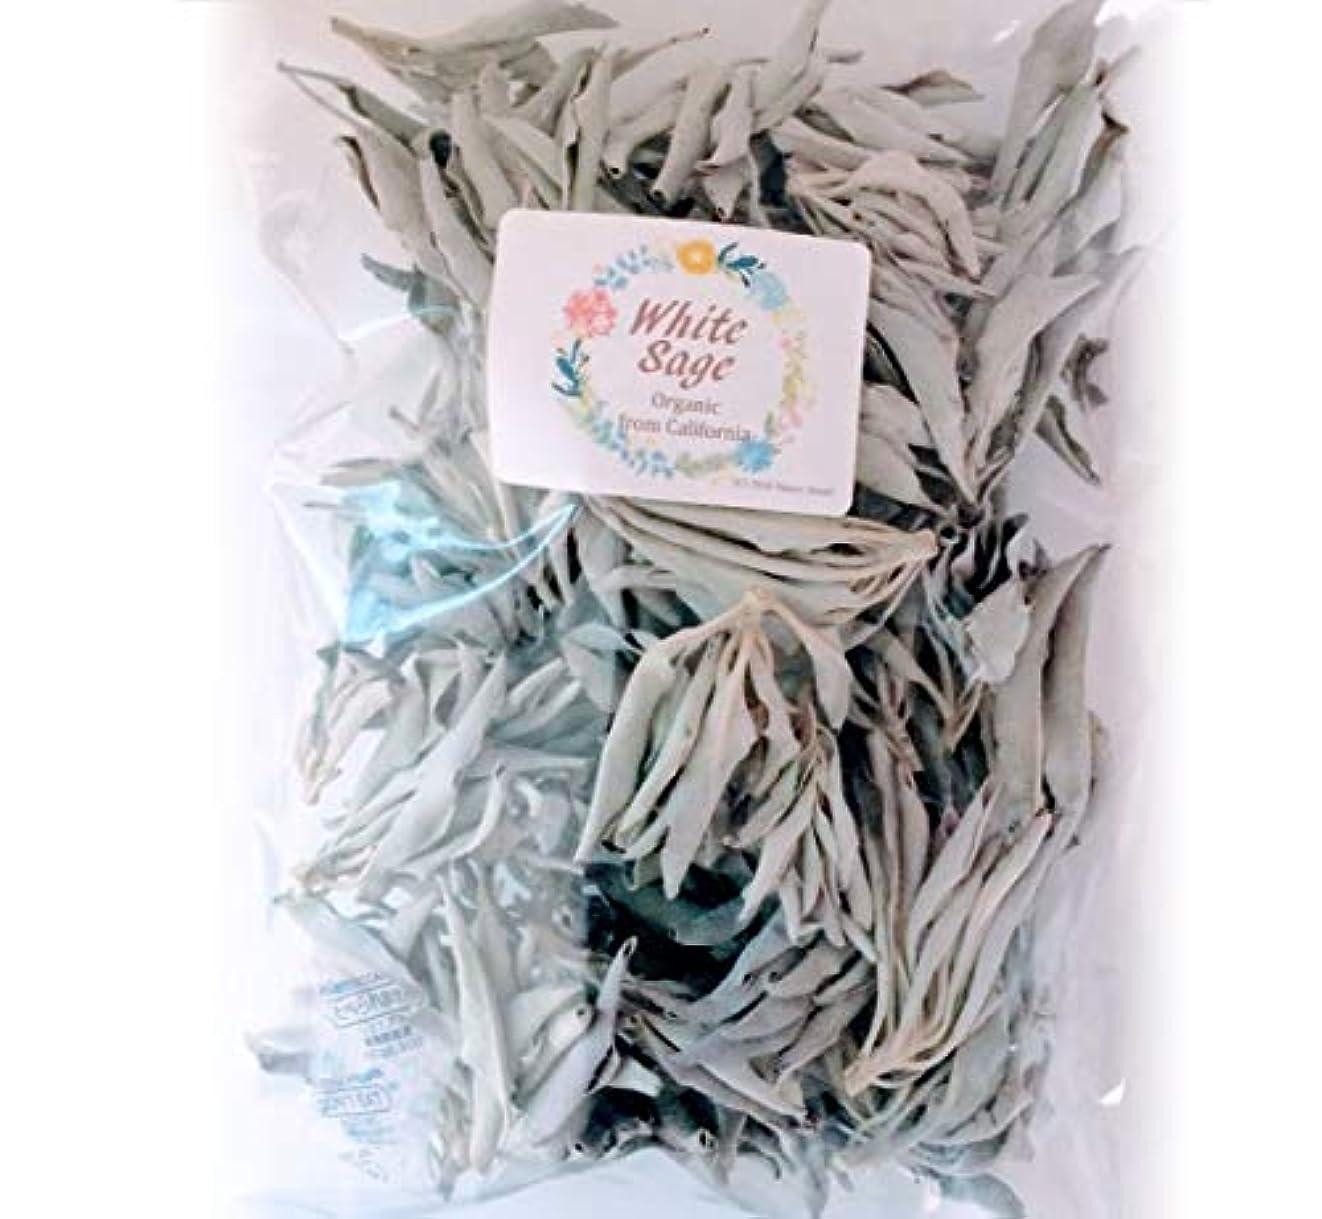 交換憂鬱な仮定ホワイトセージ 無農薬 浄化用 100g 手で厳選したクラスタータイプ カルフォルニア産 直輸入